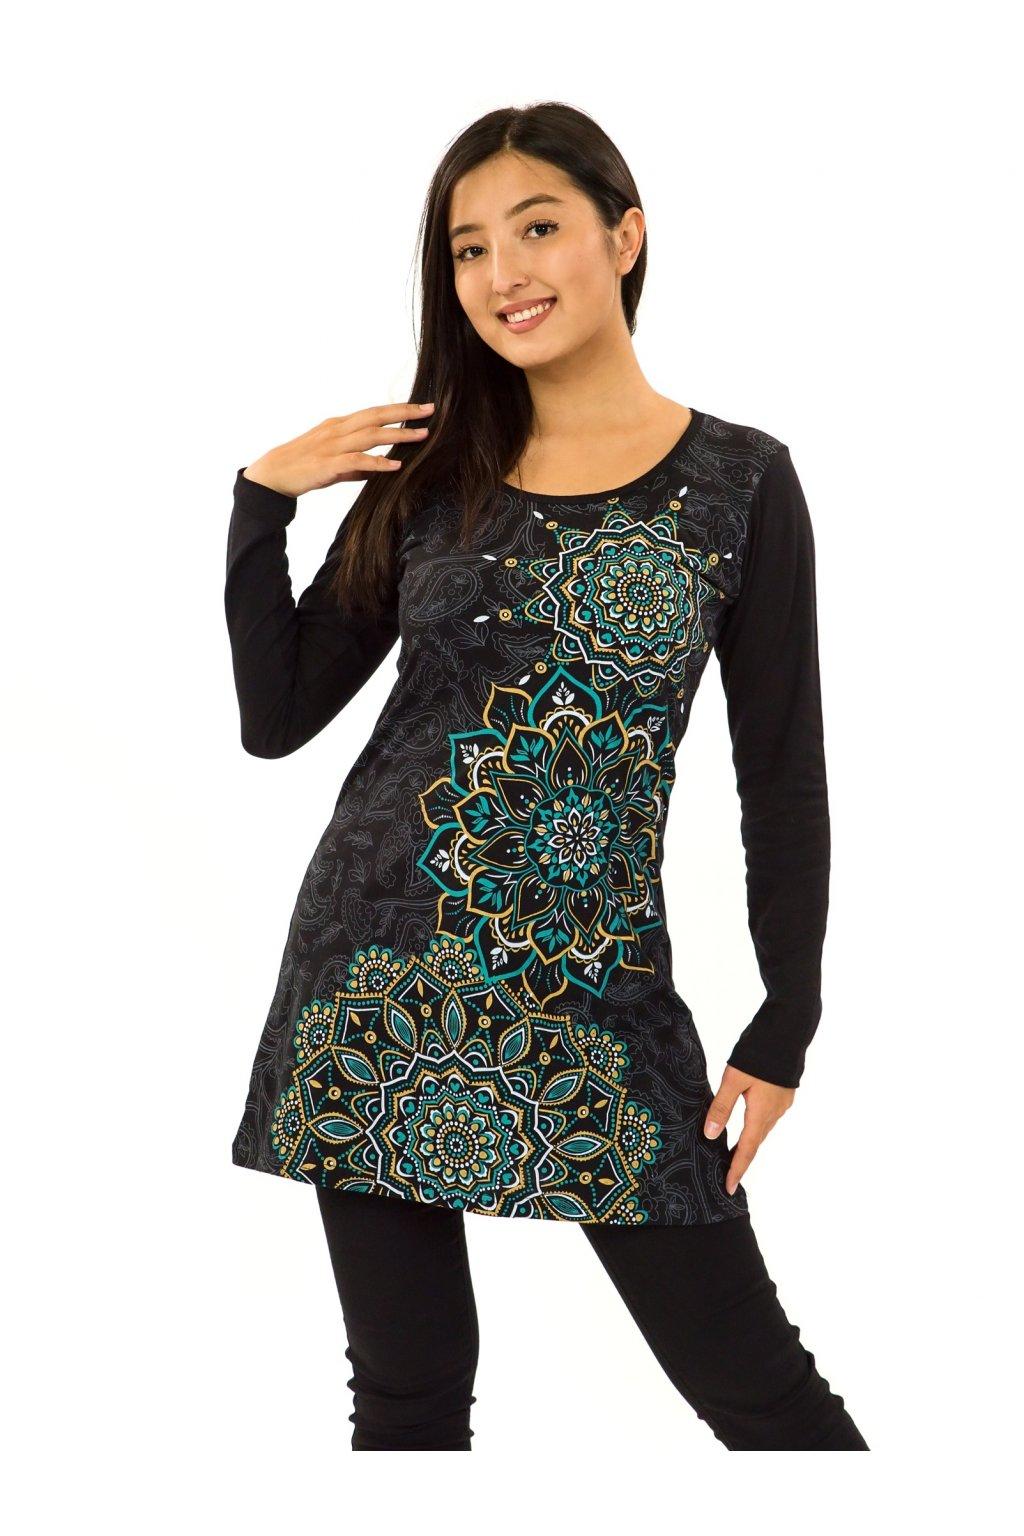 Šaty s dlouhým rukávem Taika - černá s tyrkysovou a žlutou